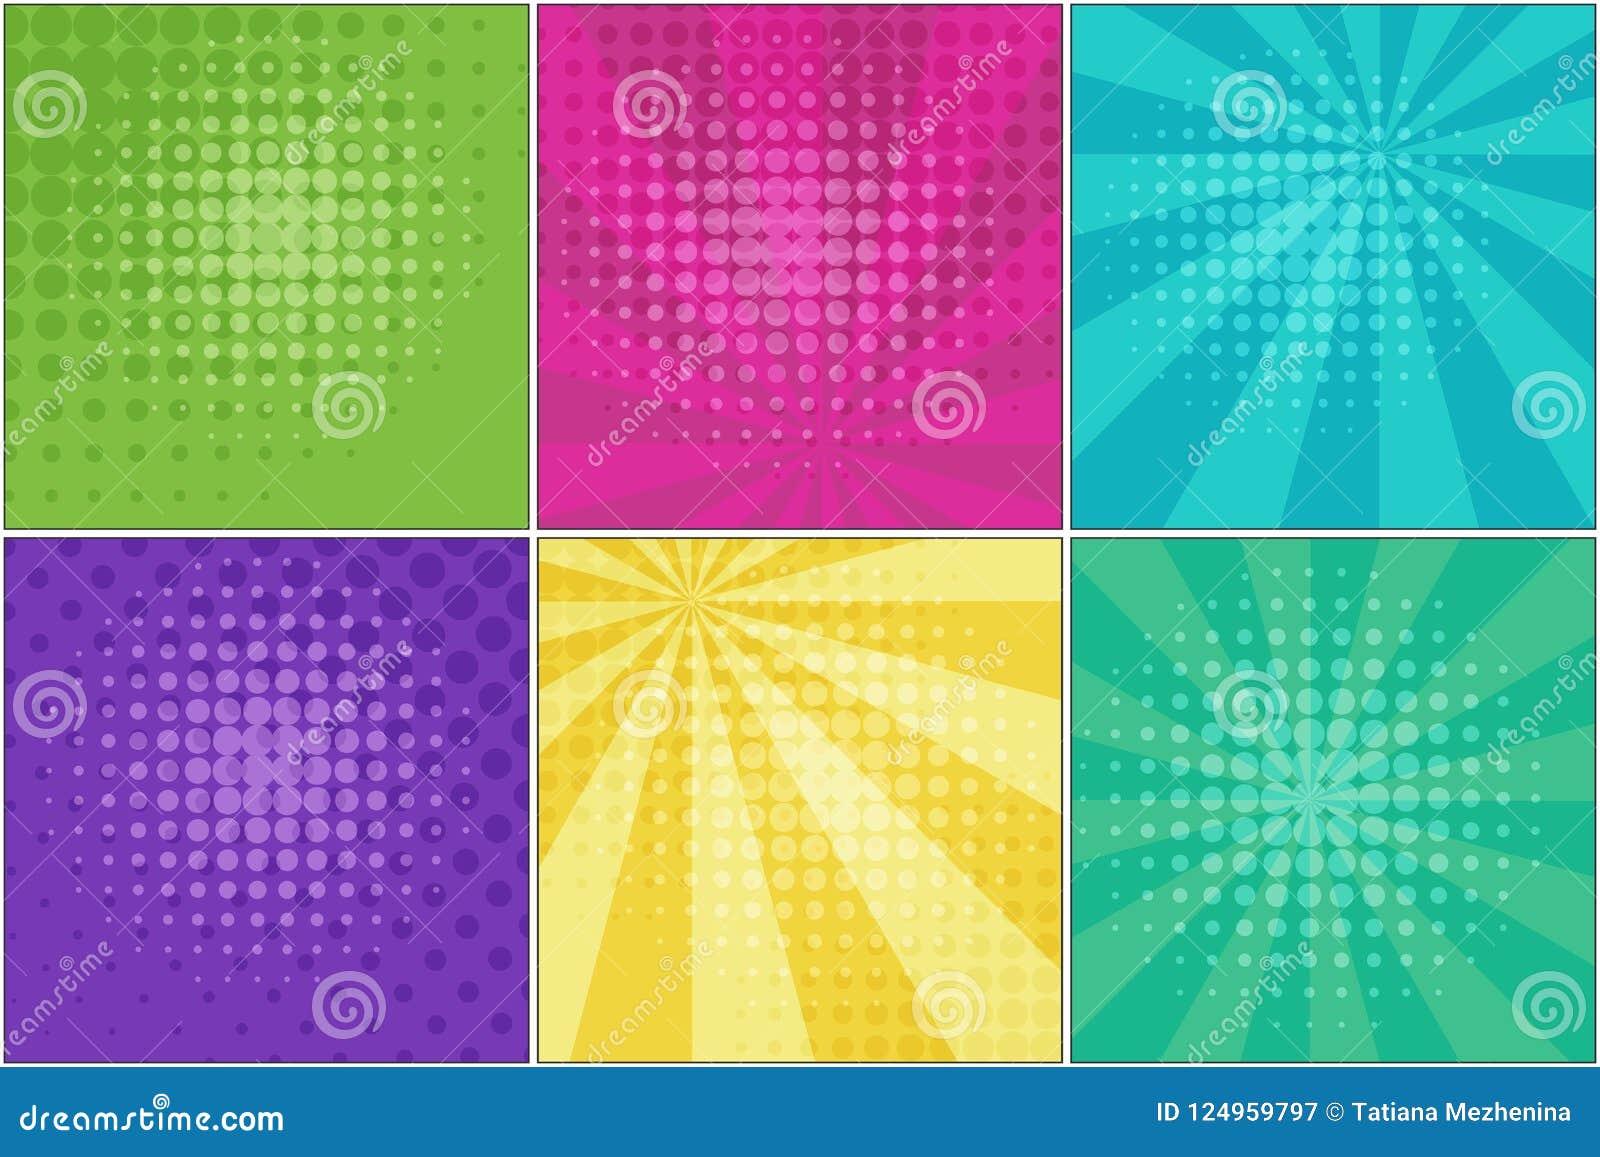 Bright Retro Comic Striped Backgrounds Stock Vector